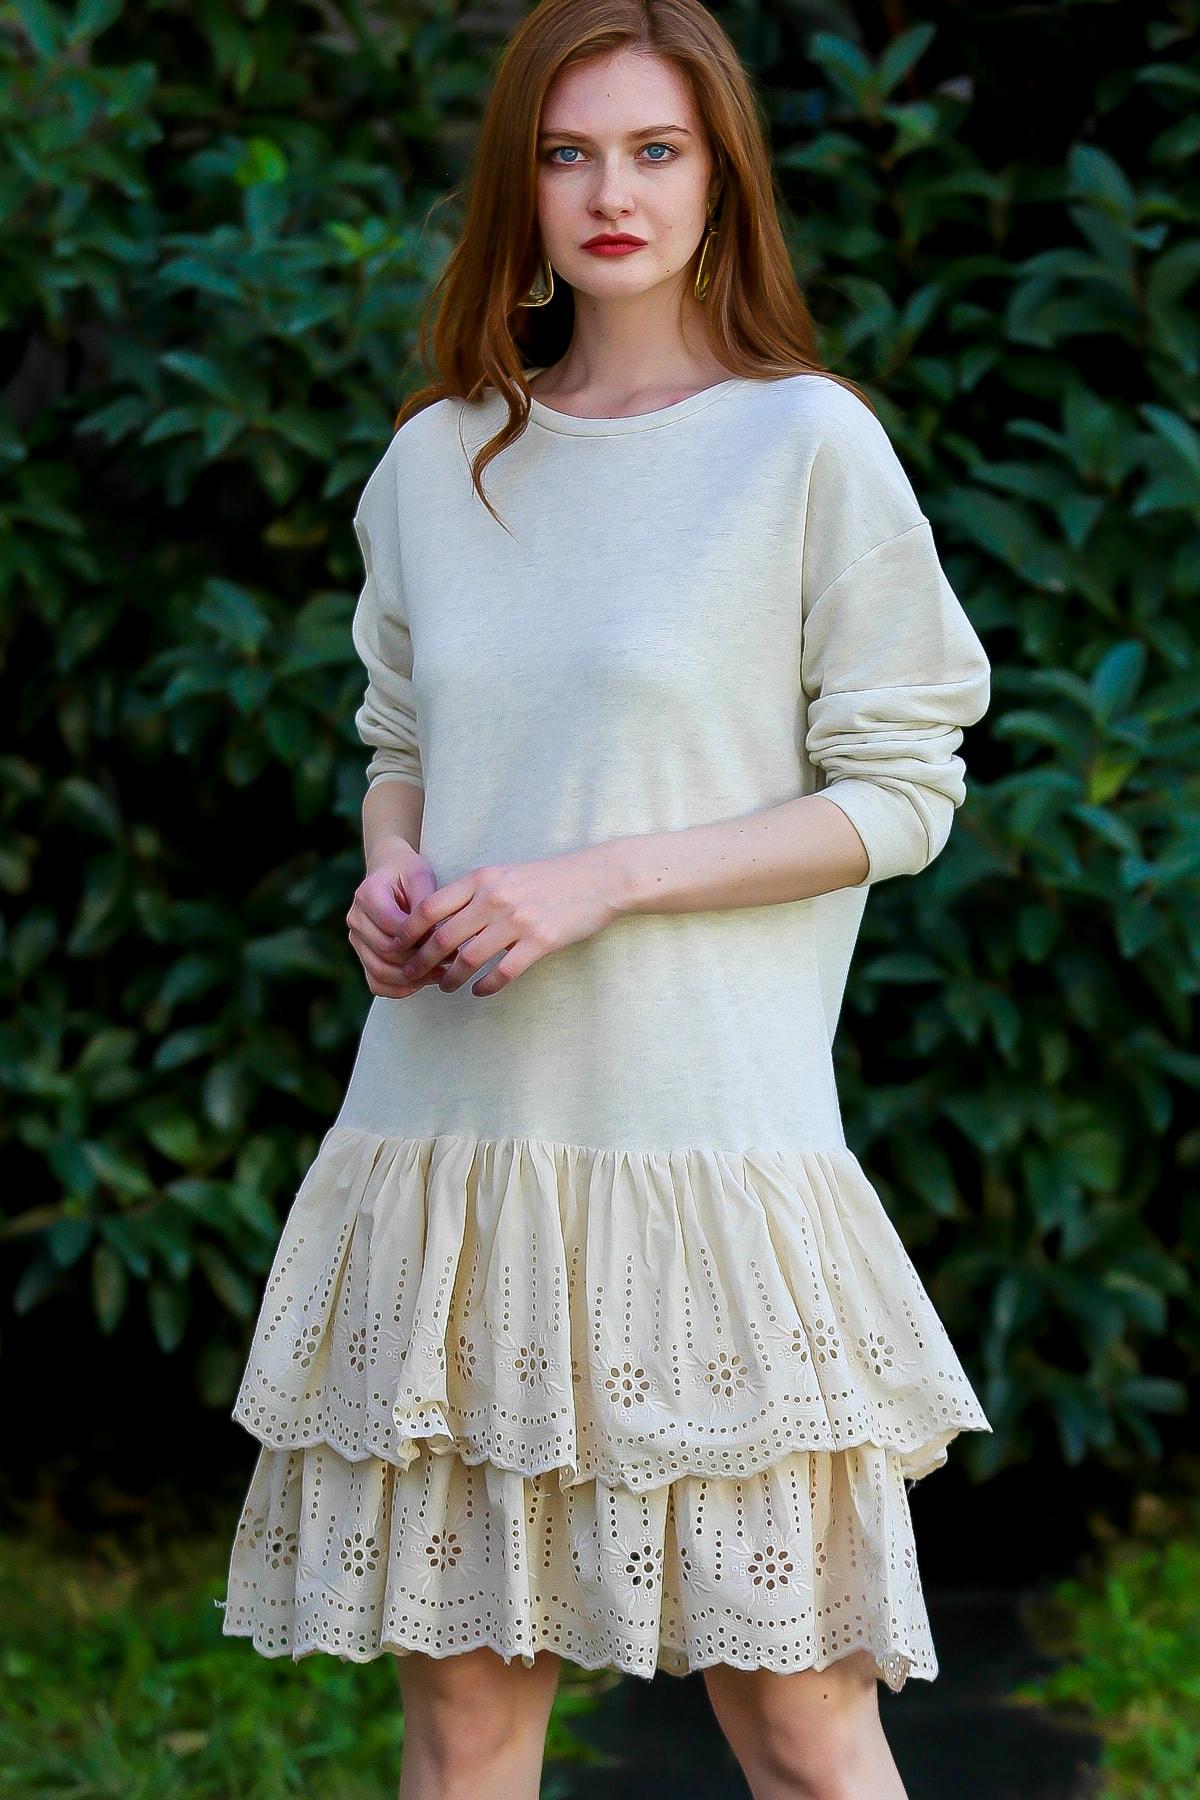 Chiccy Kadın Ekru Retro Sıfır Yaka Etek Ucu Fisto Fırfır Detaylı Elbise M10160000EL96168